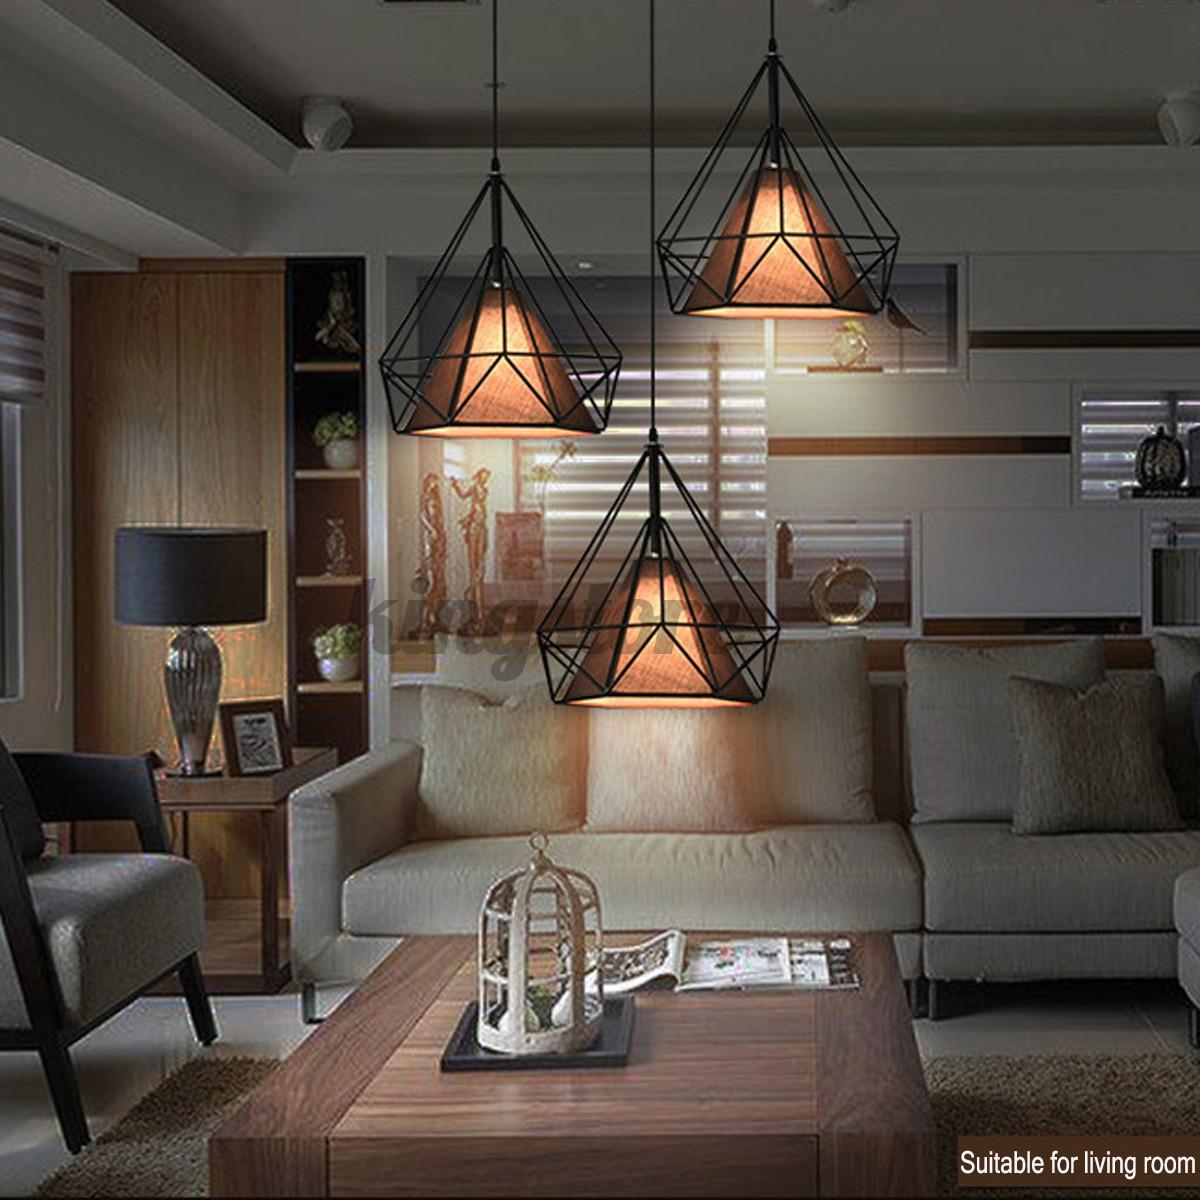 Đèn Treo Trần Kim Loại Trang Trí Phòng Khách, Phòng Ngủ